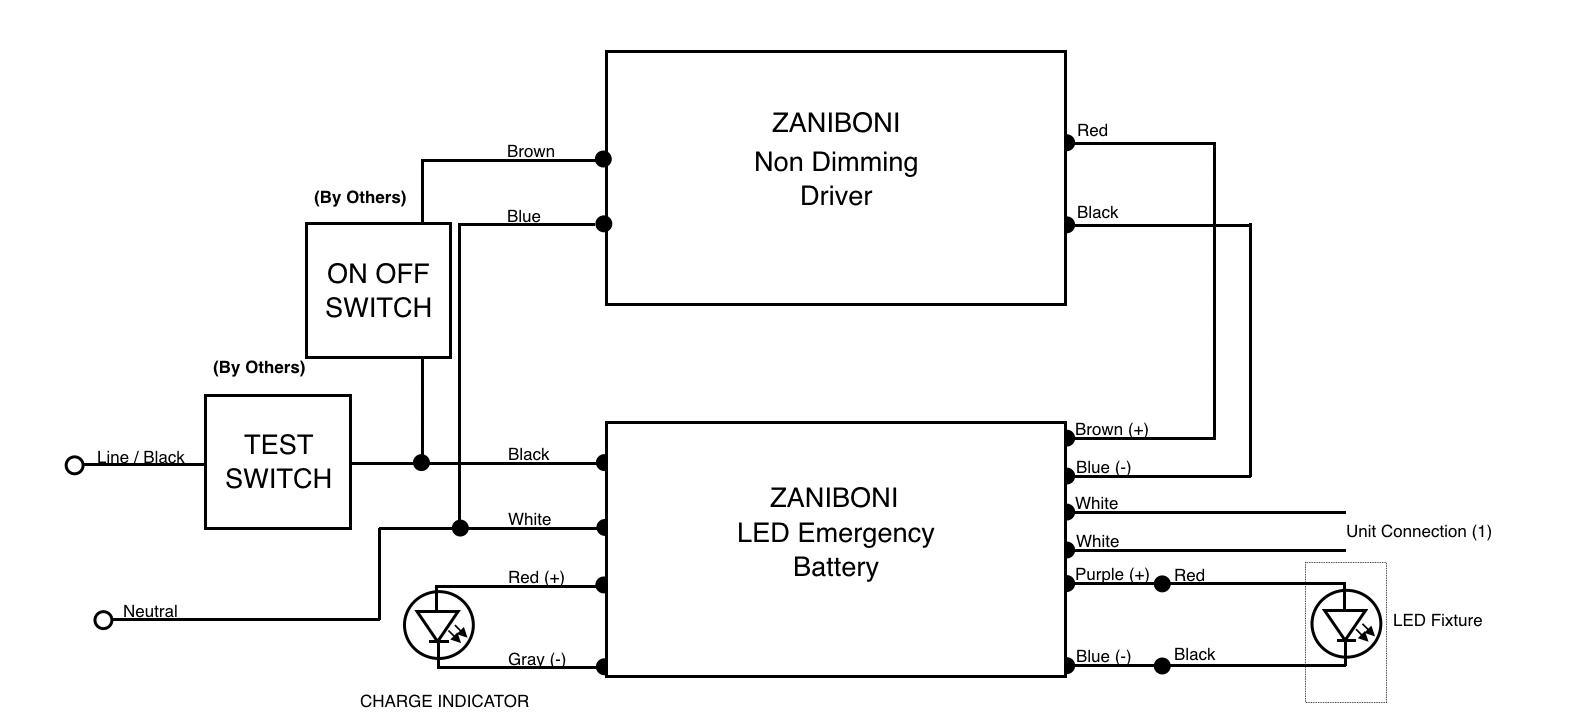 Wiring Diagrams Part 1 - Zaniboni LightingZaniboni Lighting - Solutions